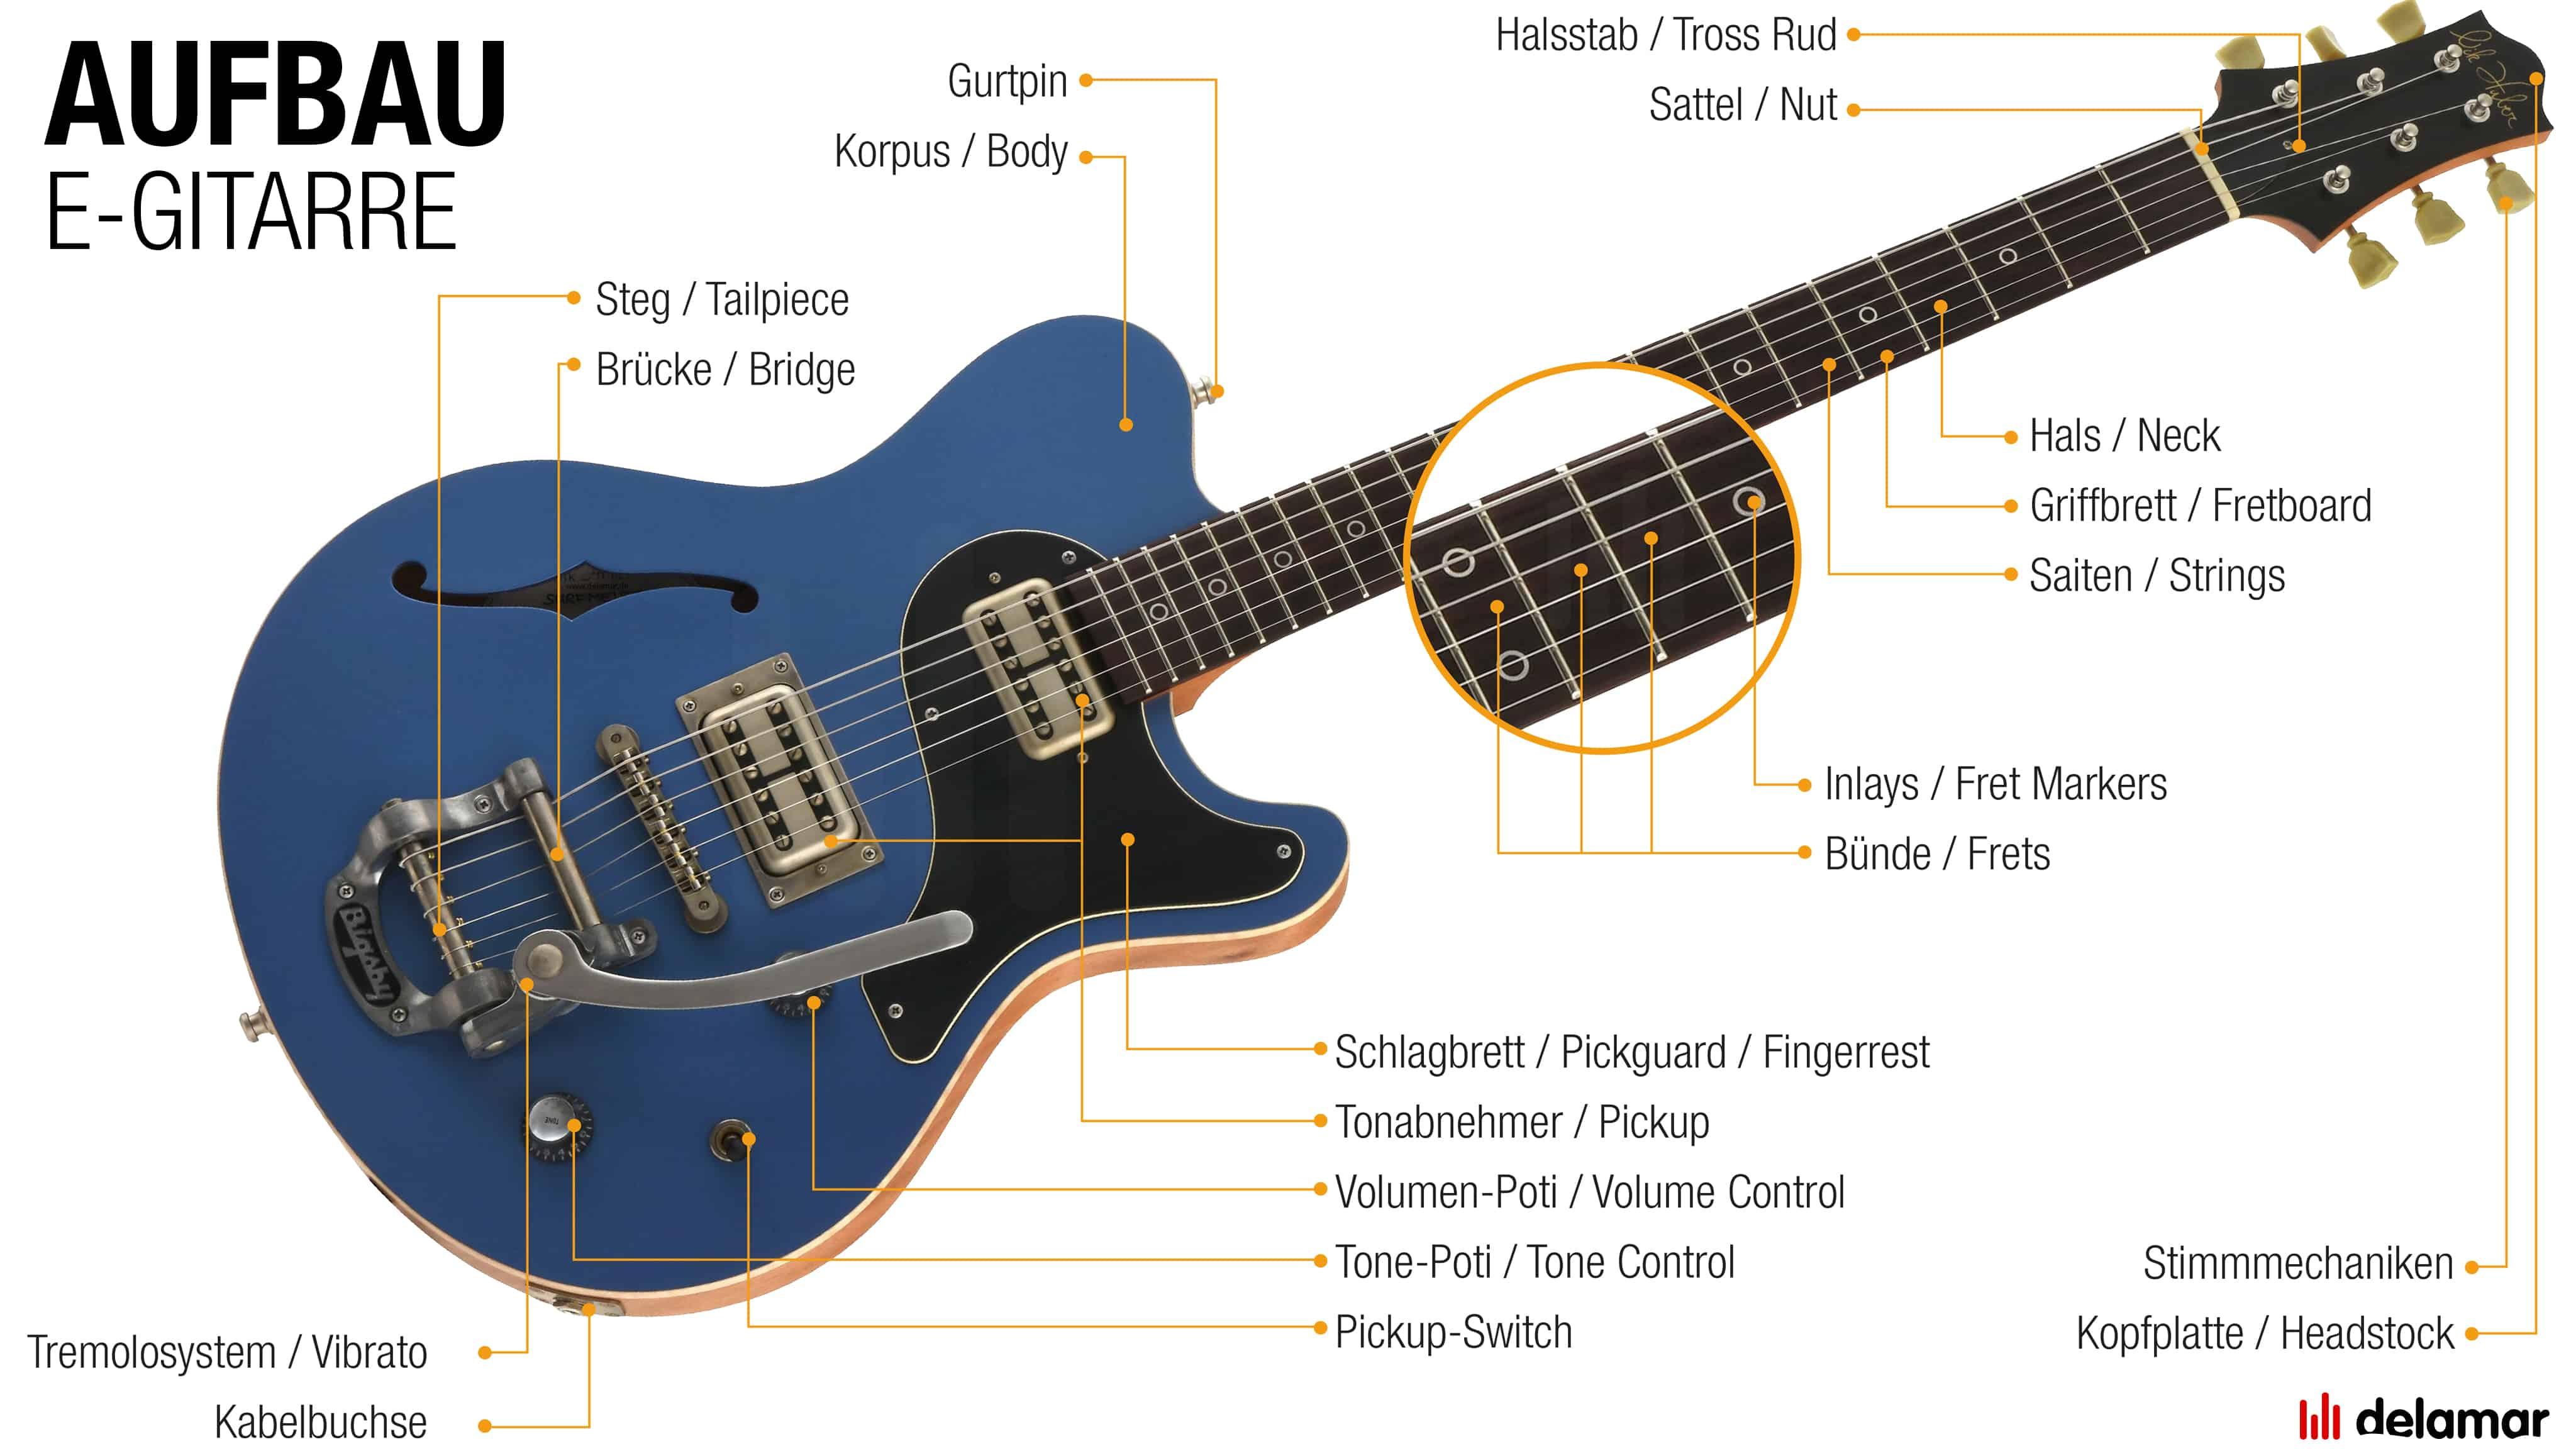 E-Gitarre: Aufbau & Schaubild - Die Bestandteile der Gitarre ...